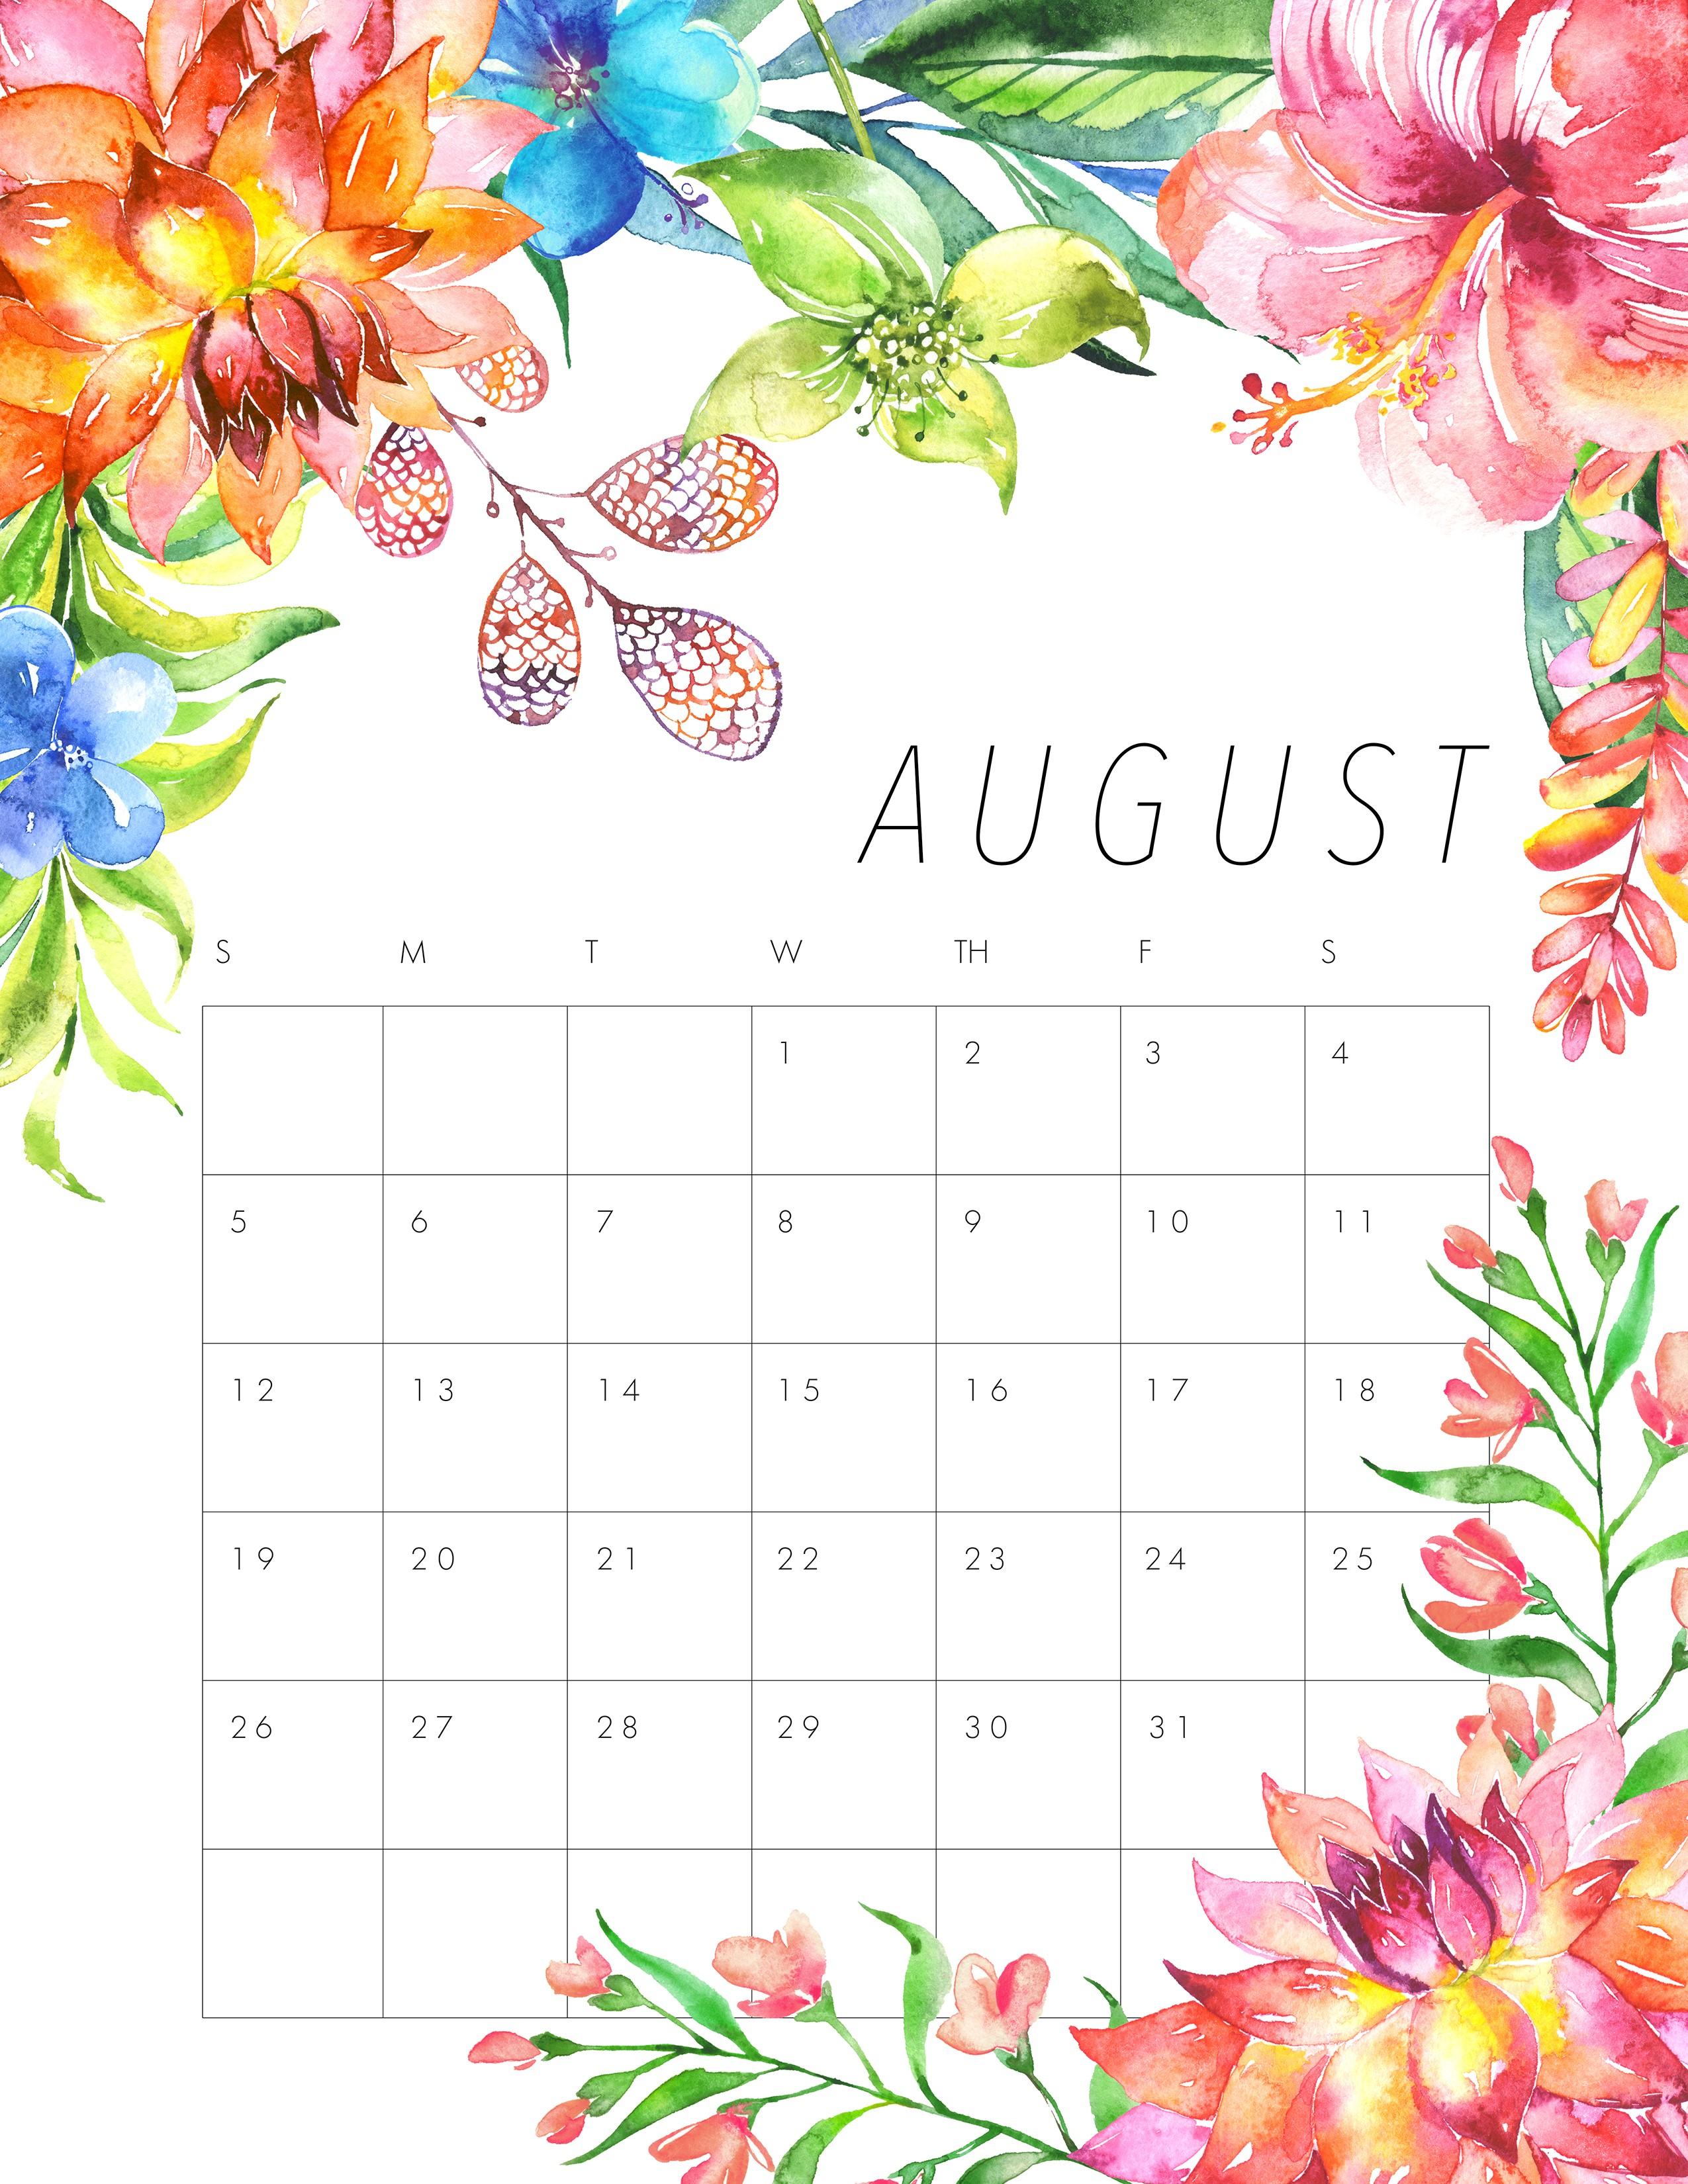 Cute December Month Calendar 2018 t